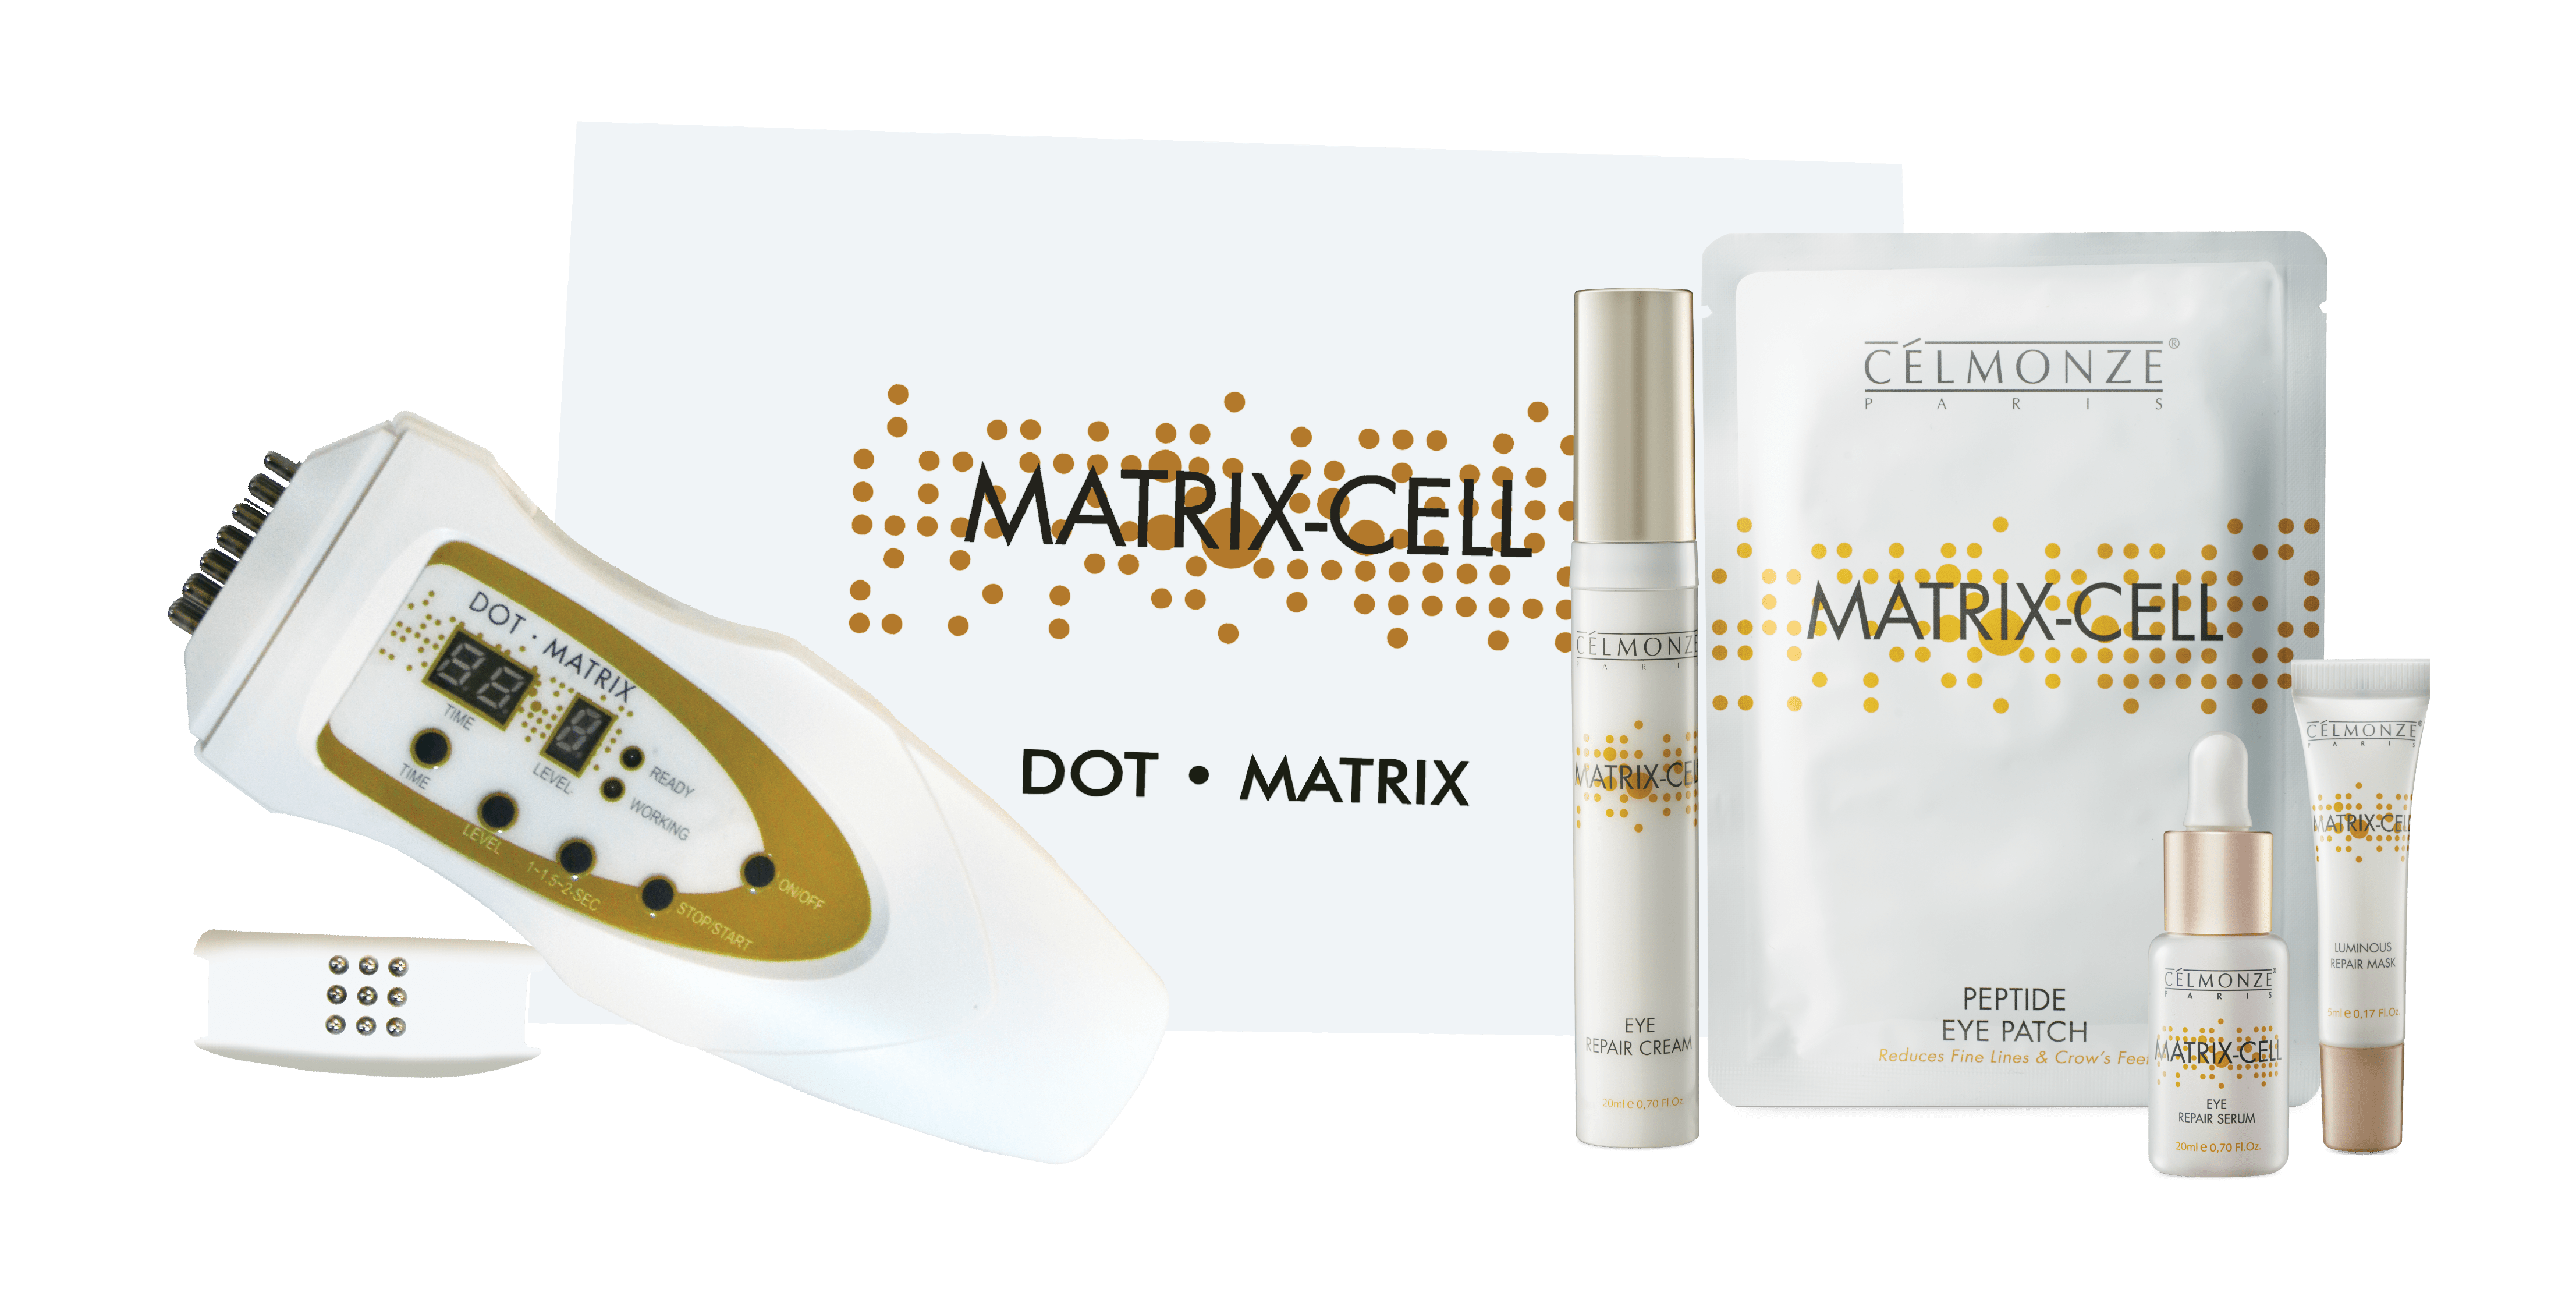 Matrix-Cell Eye